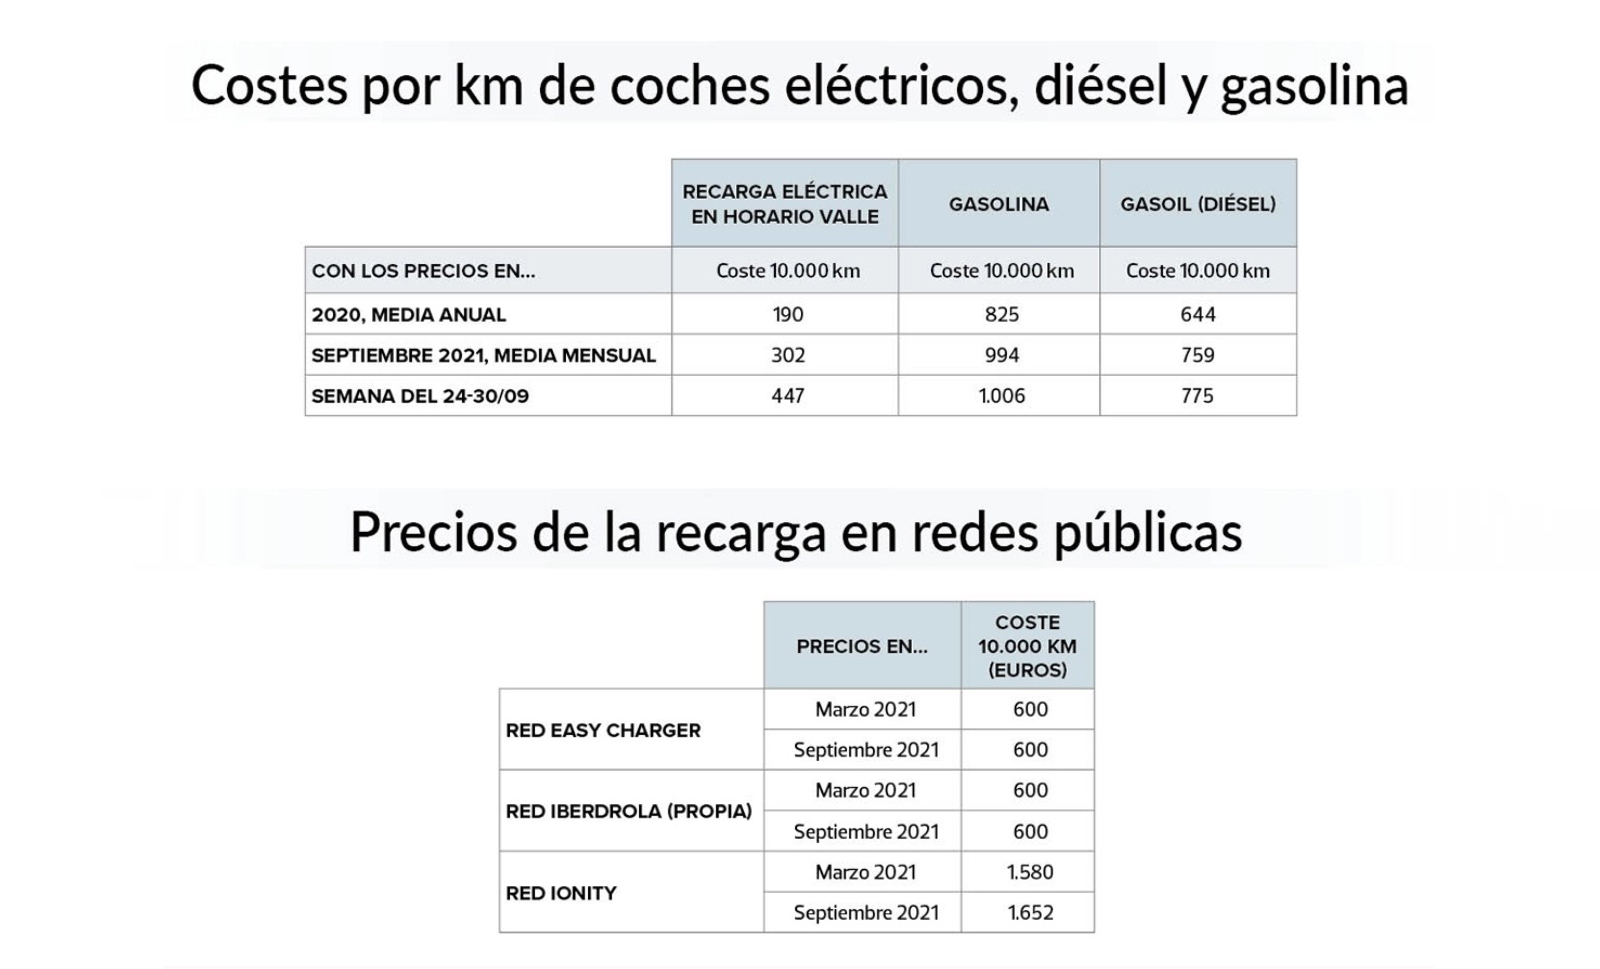 Comparativa de precios recarga de coche eléctrico de la OCU